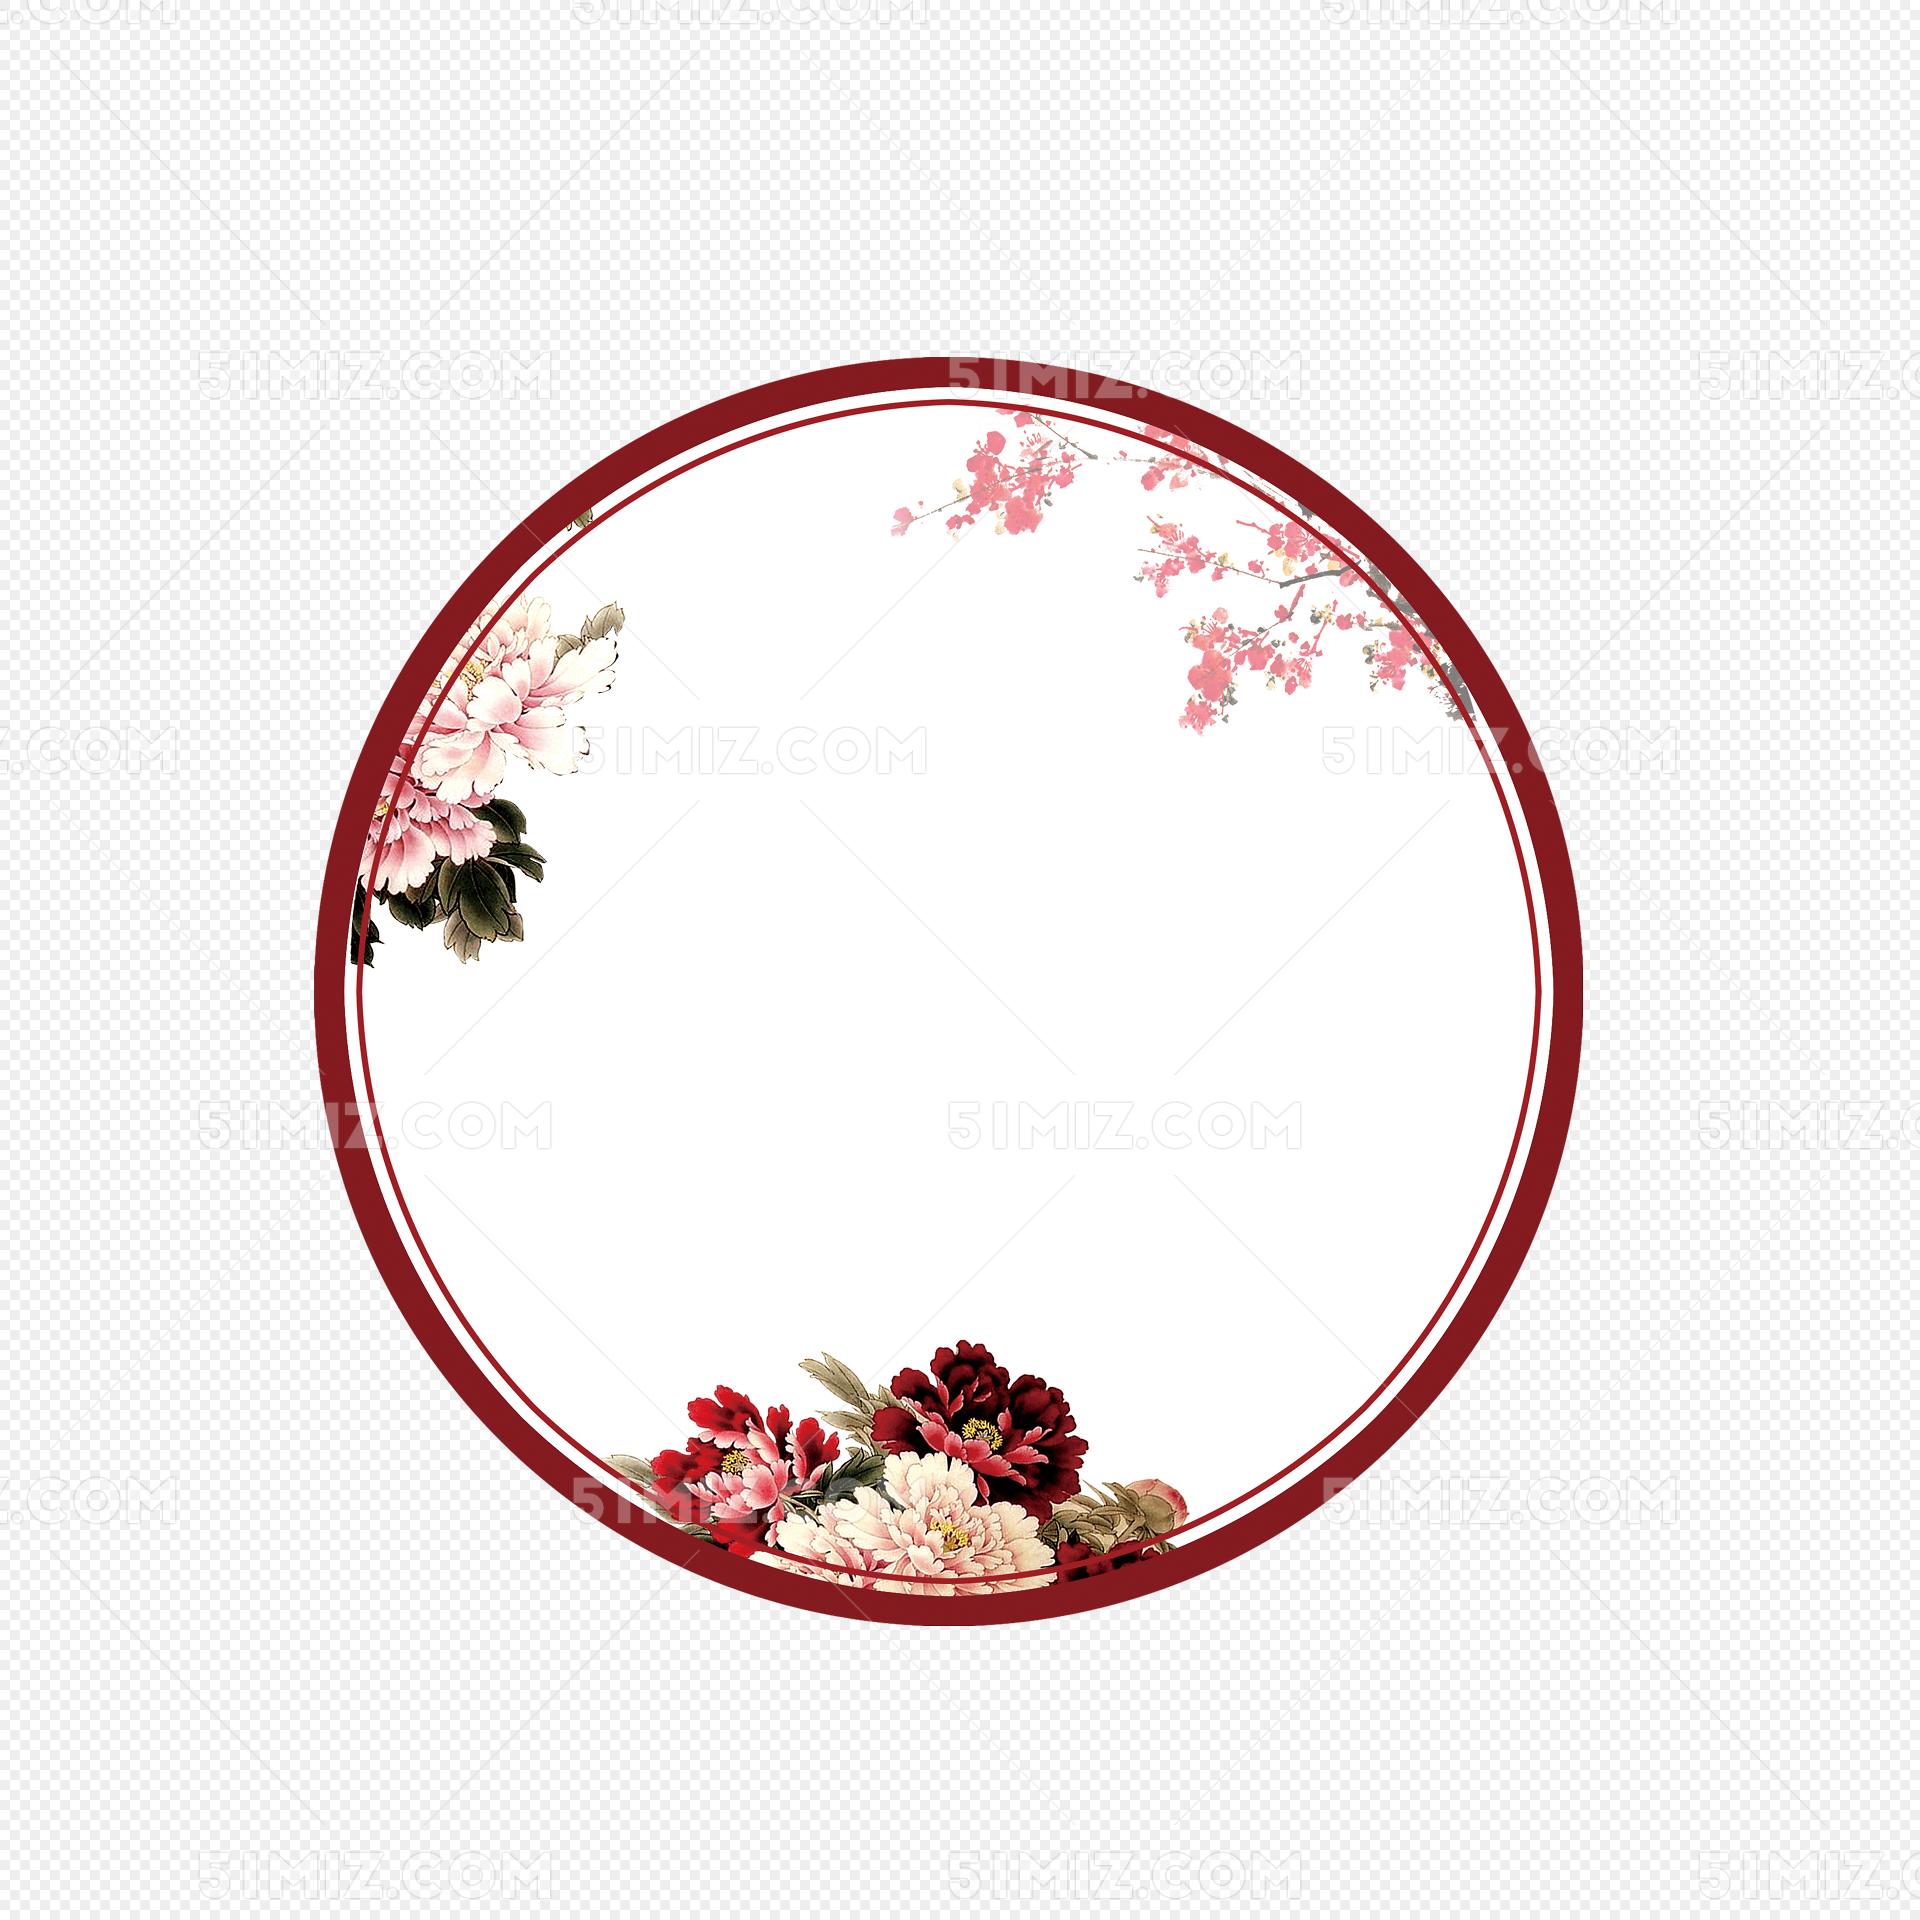 古典中国风圆形边框屏风图片素材免费下载_觅知网